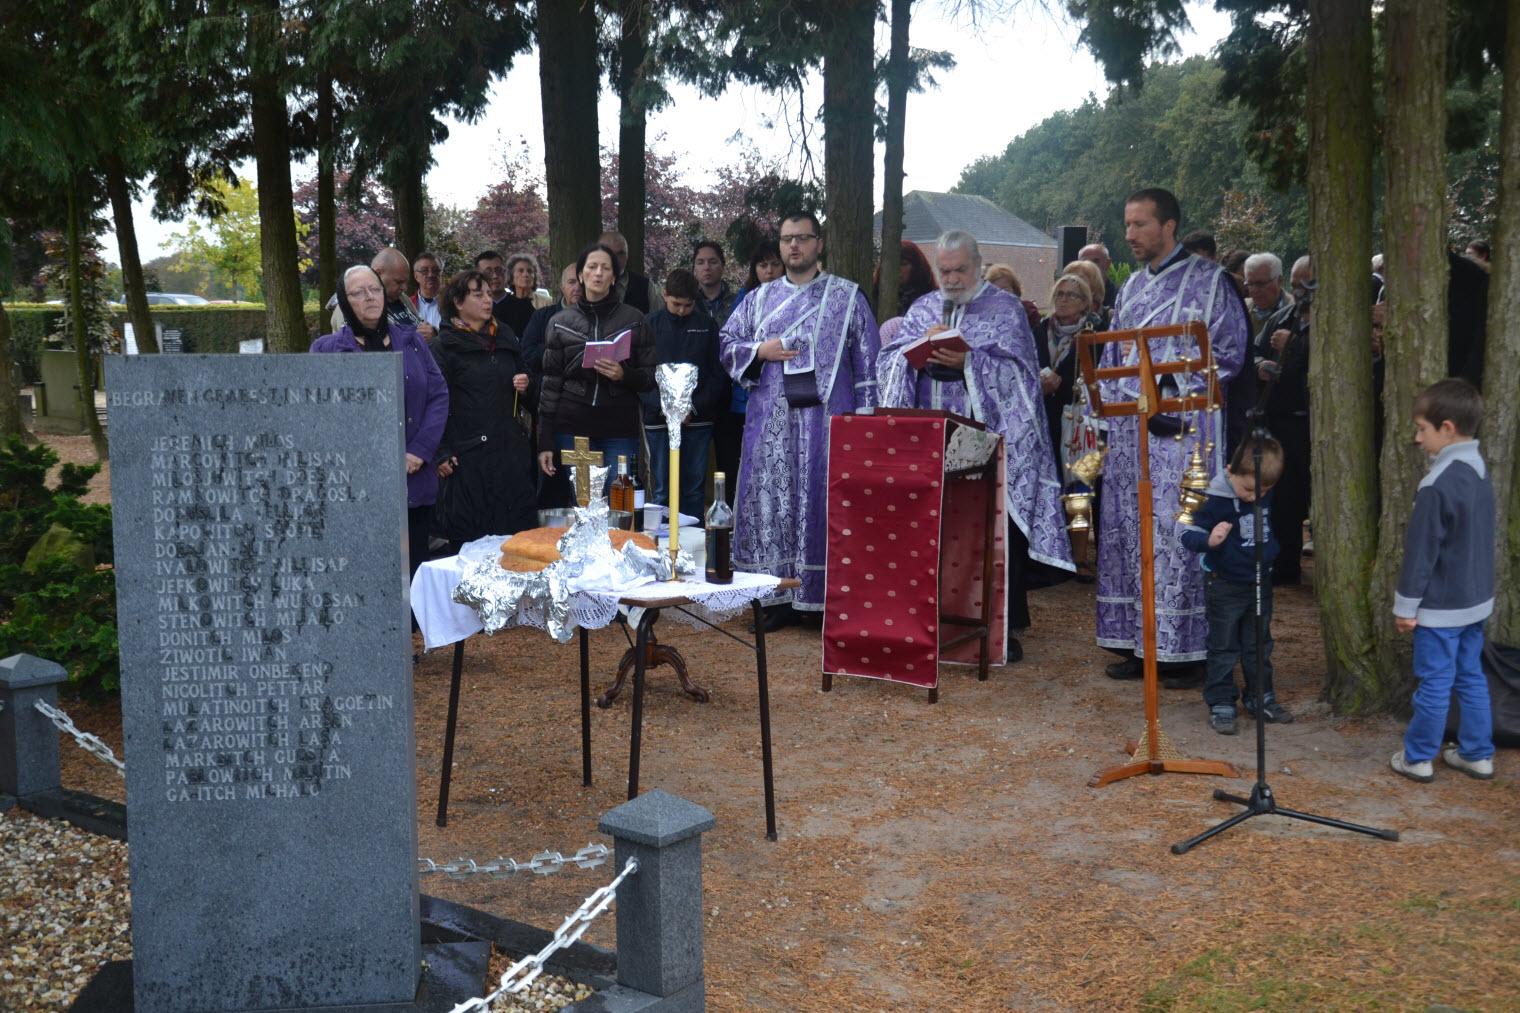 Memorial service in Garderen